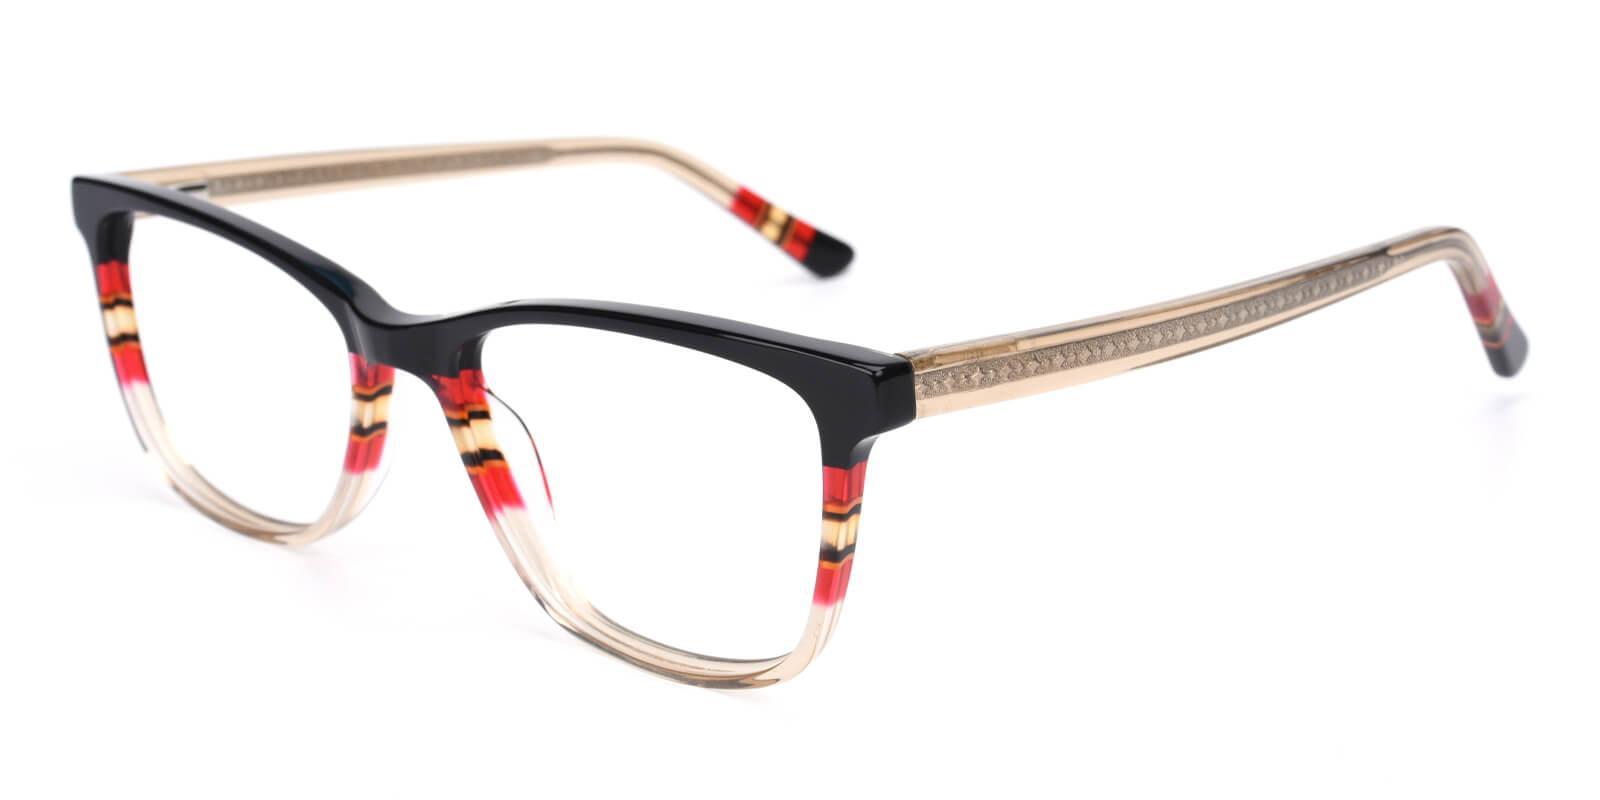 Belinda-Brown-Cat-Acetate-Eyeglasses-additional1